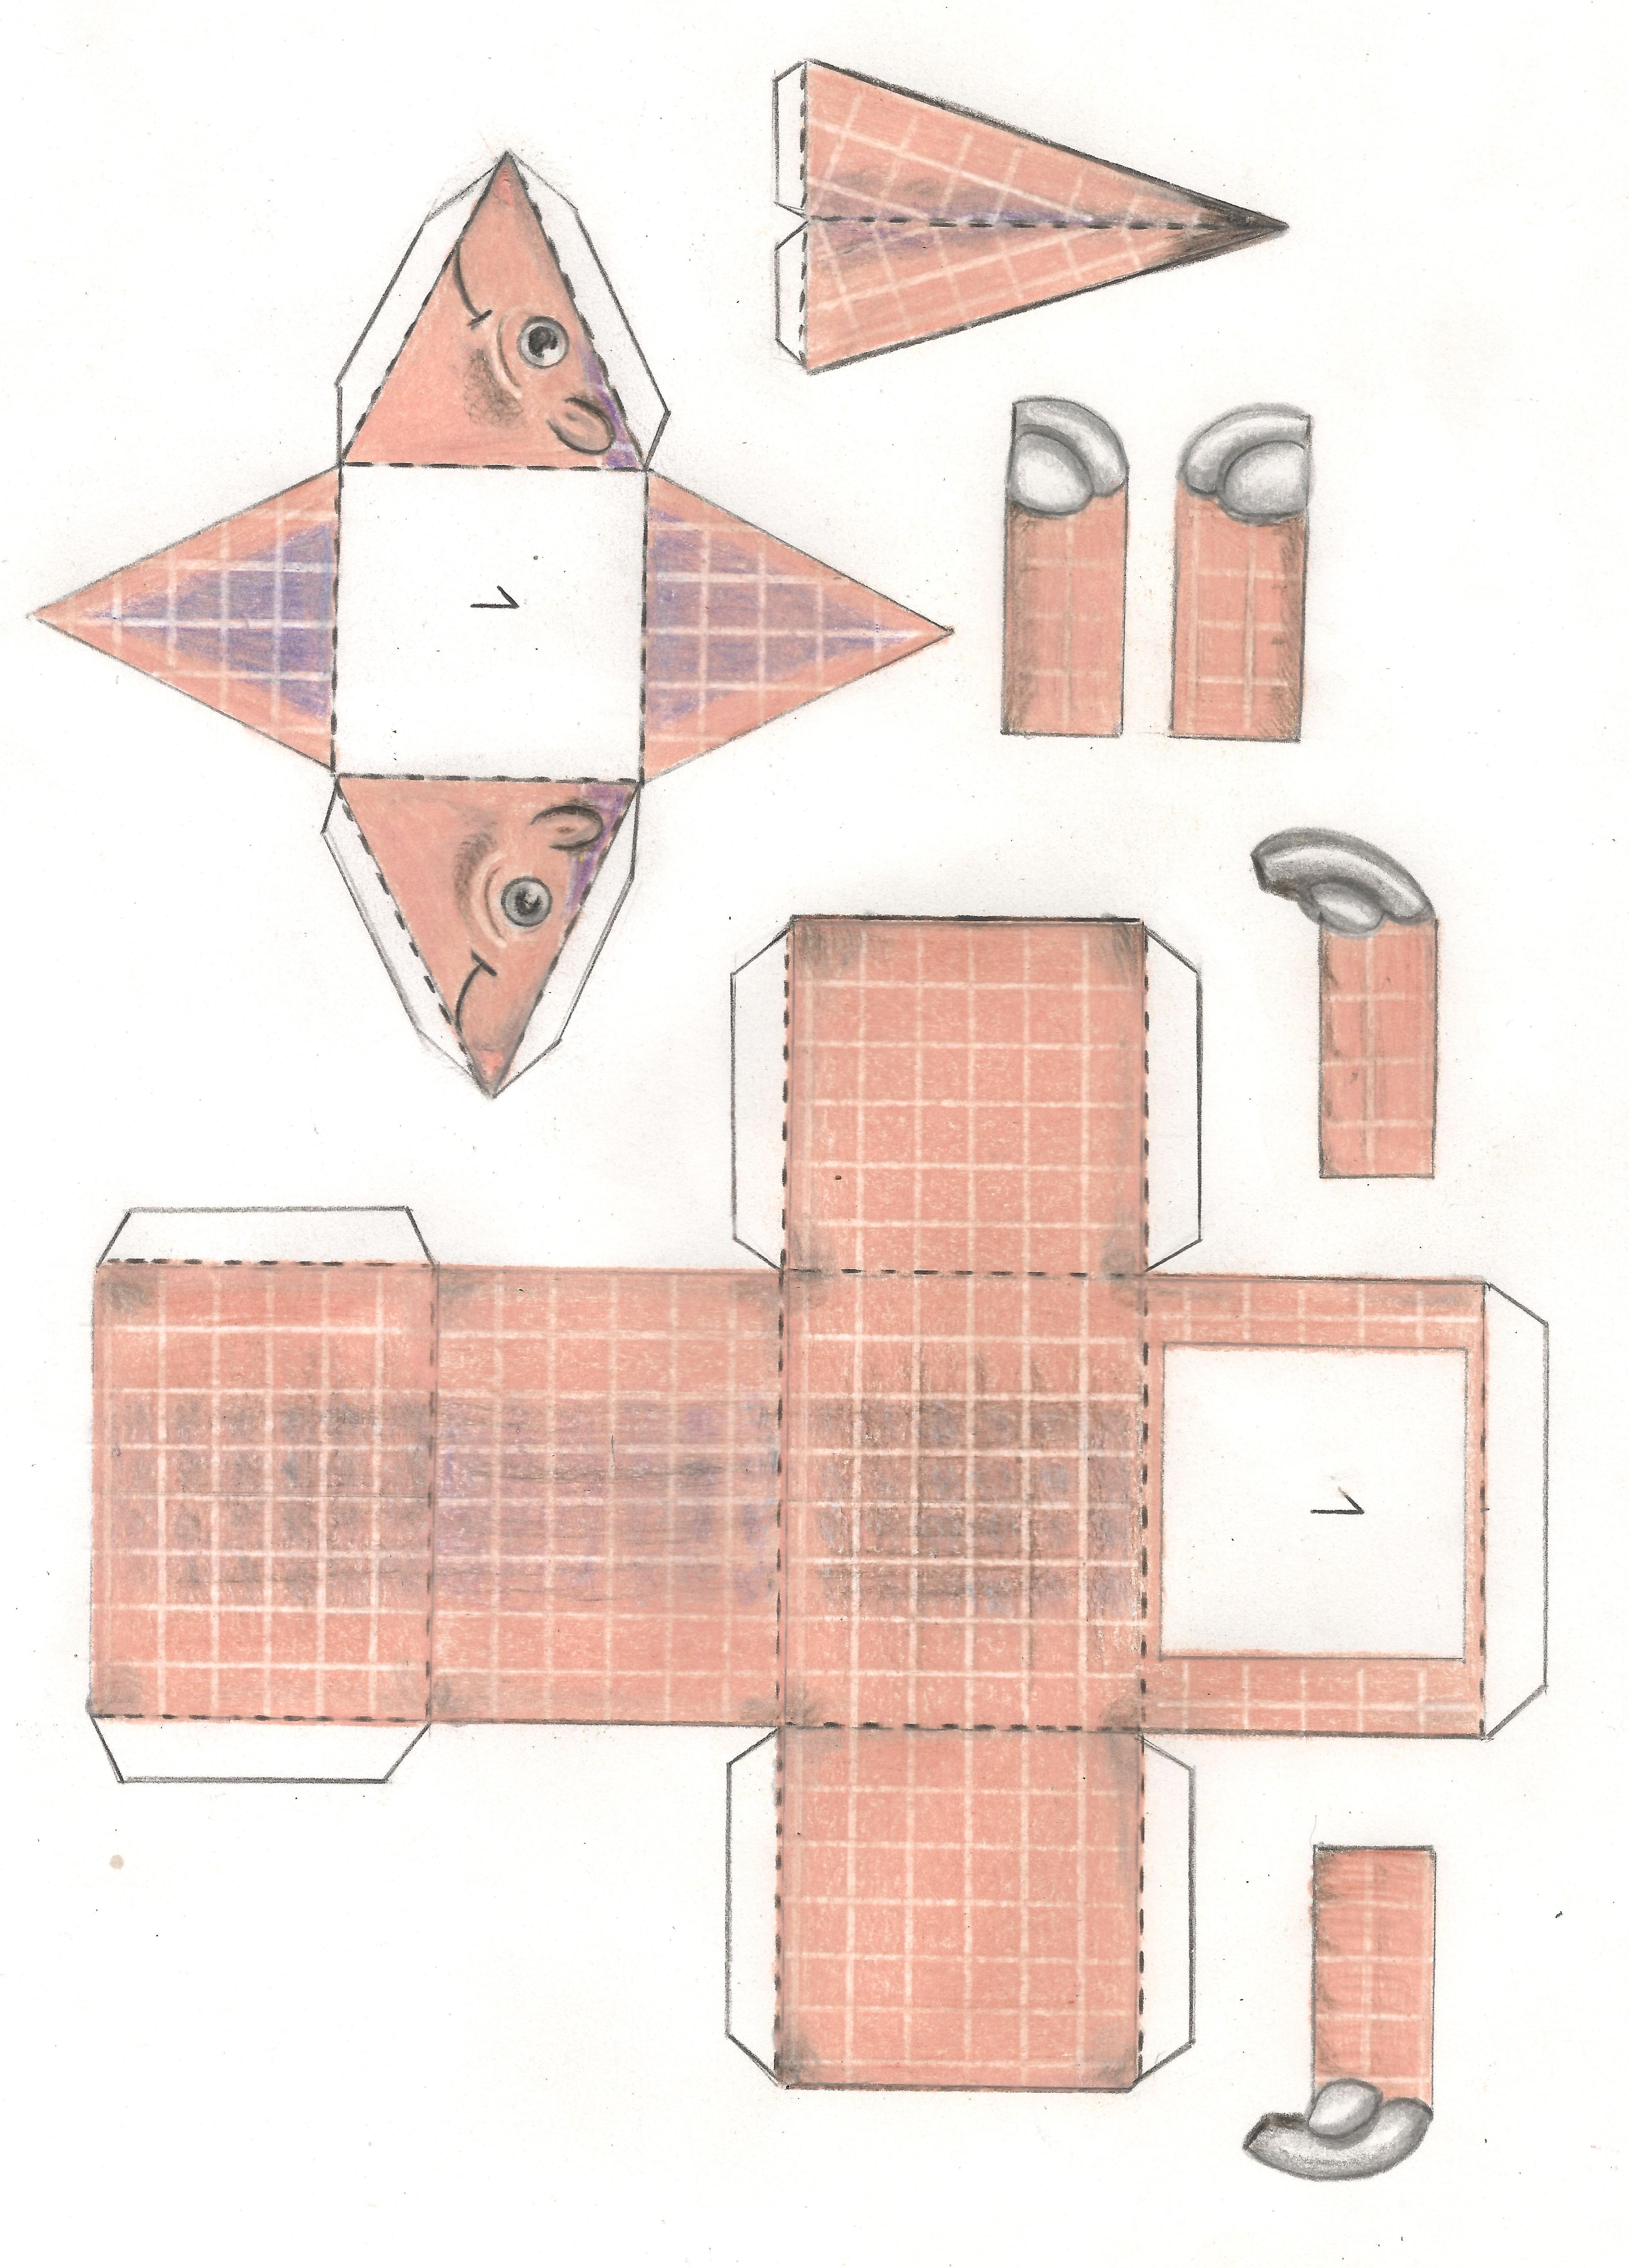 Cubo de tatu / Armadillo cube